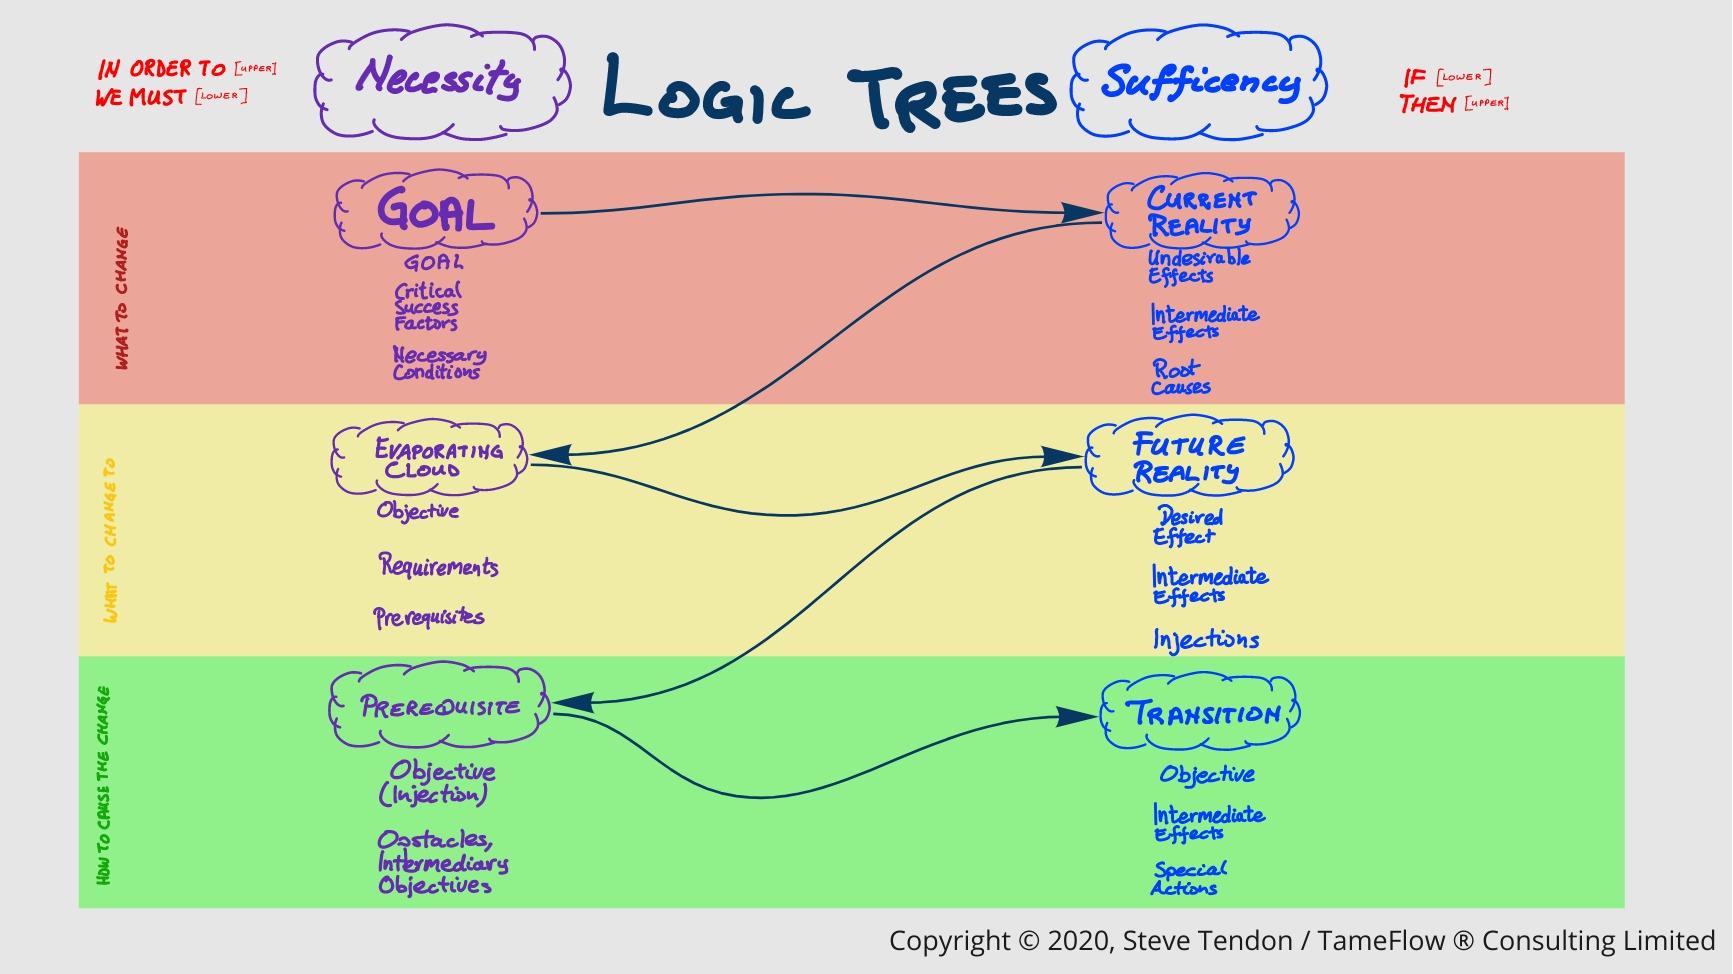 Logic Trees